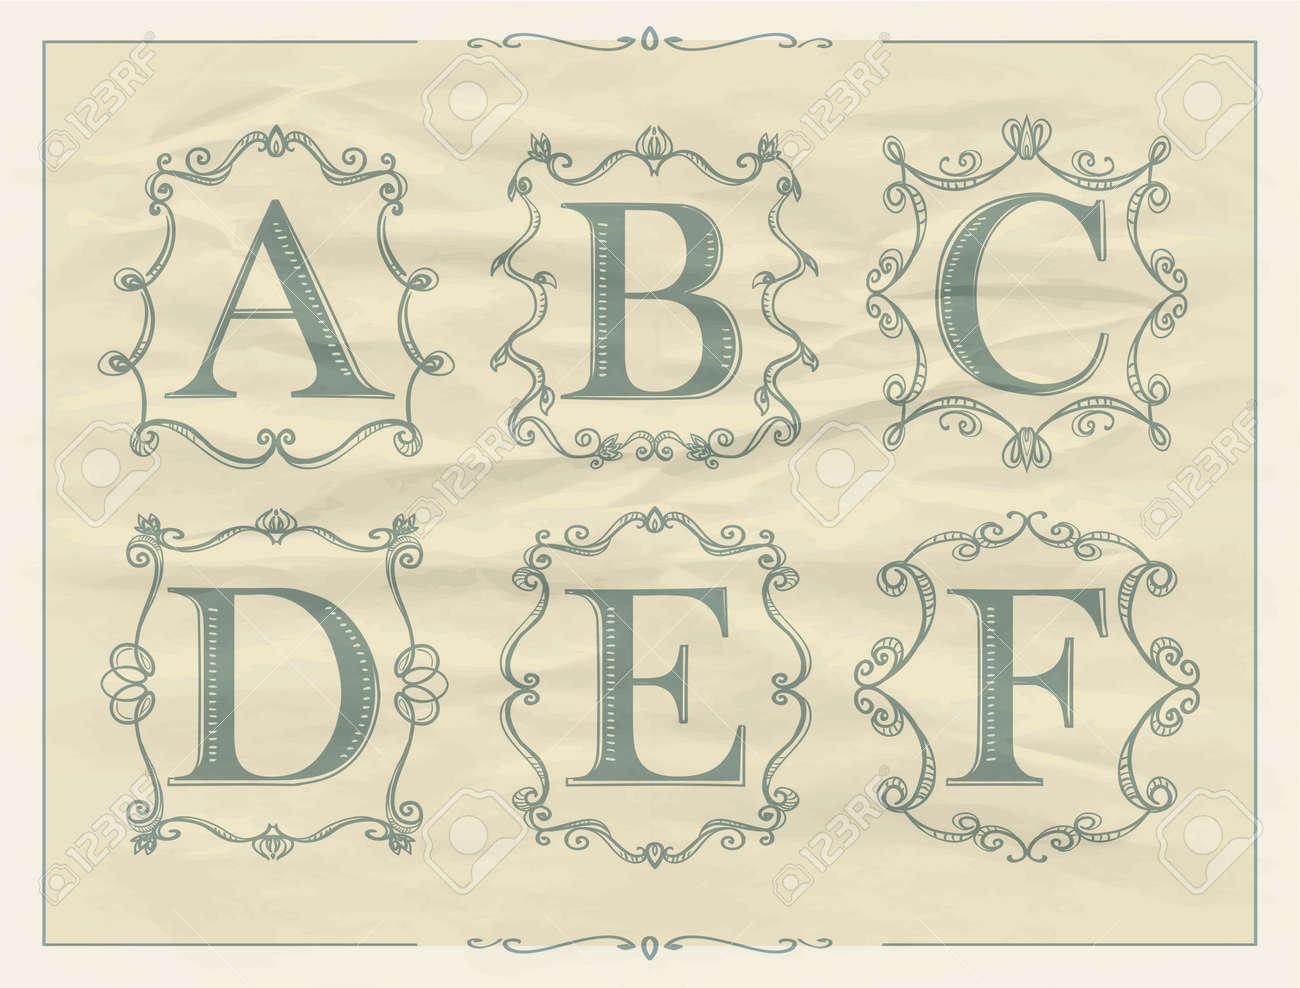 Cartas Vintage Caligráficas En Marcos Monograma Retro, Alfabeto ...